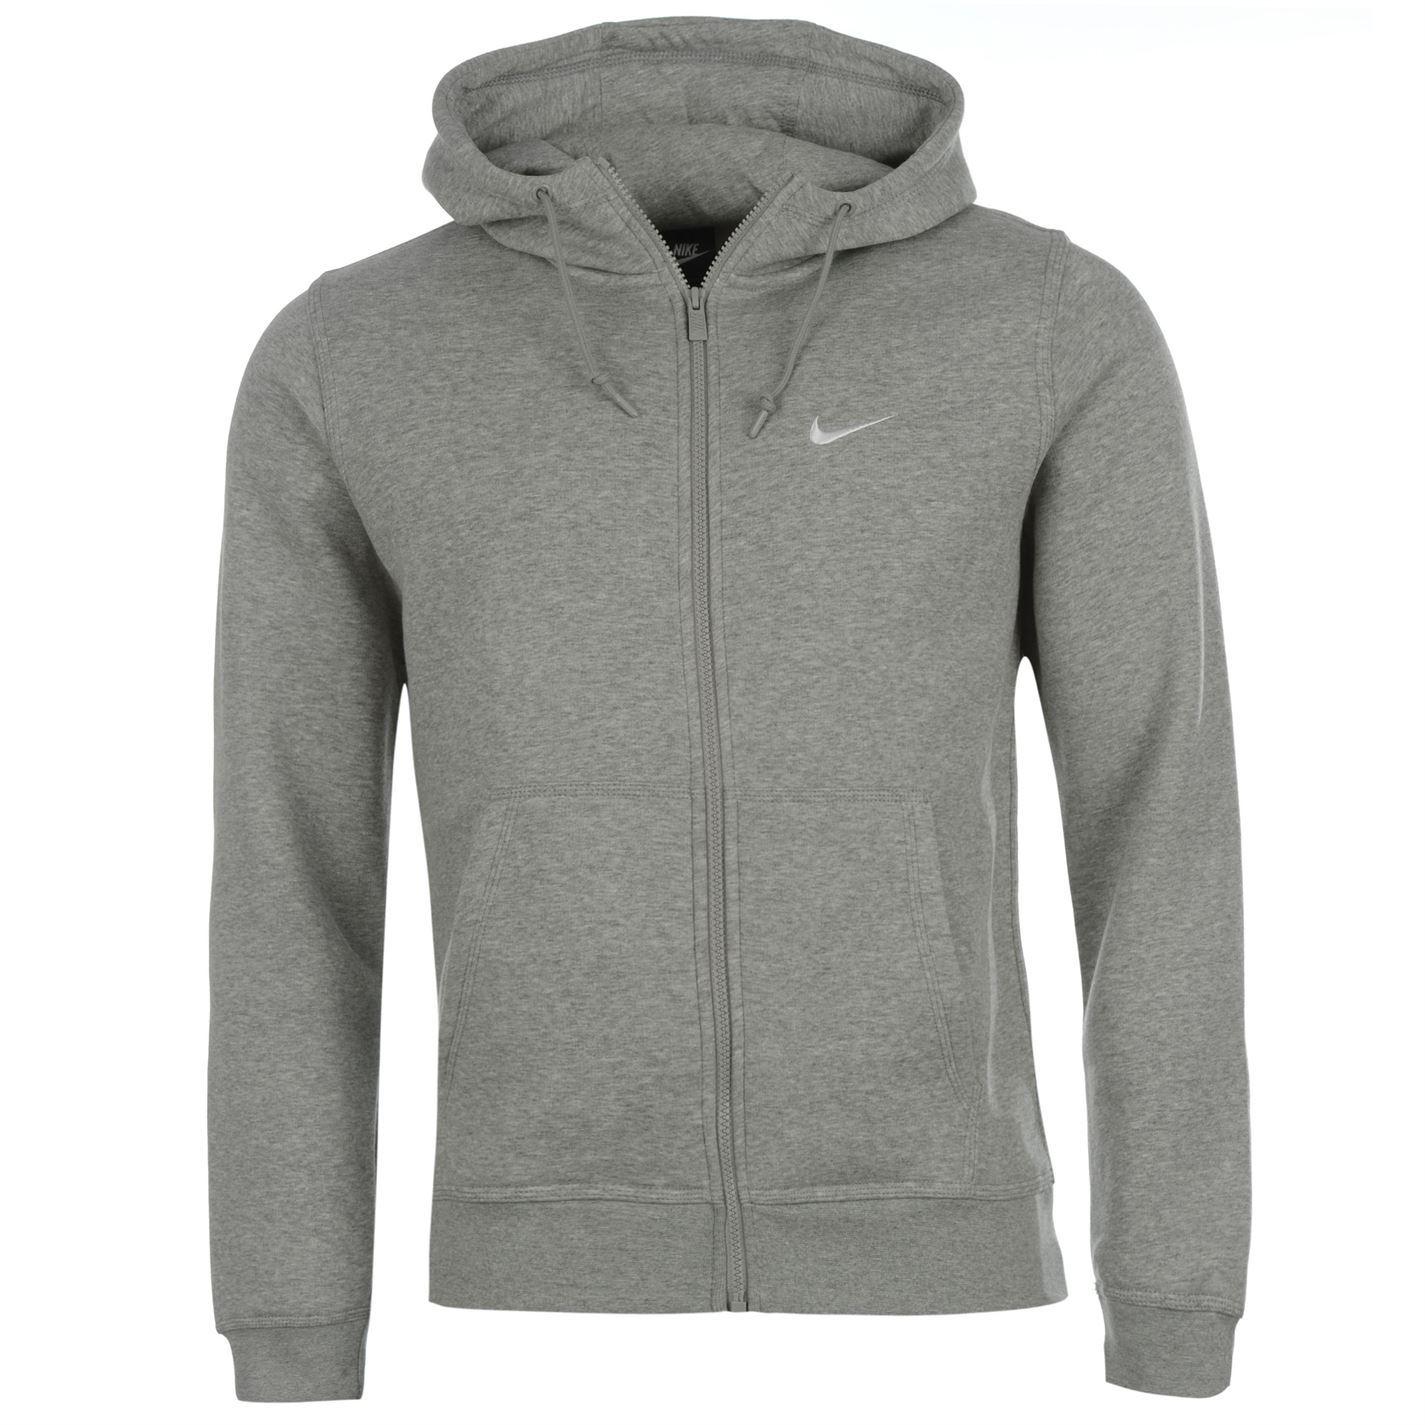 Nike-Fundamentals-Full-Zip-Hoody-Jacket-Mens-Hoodie-Sweatshirt-Sweater-Top thumbnail 18